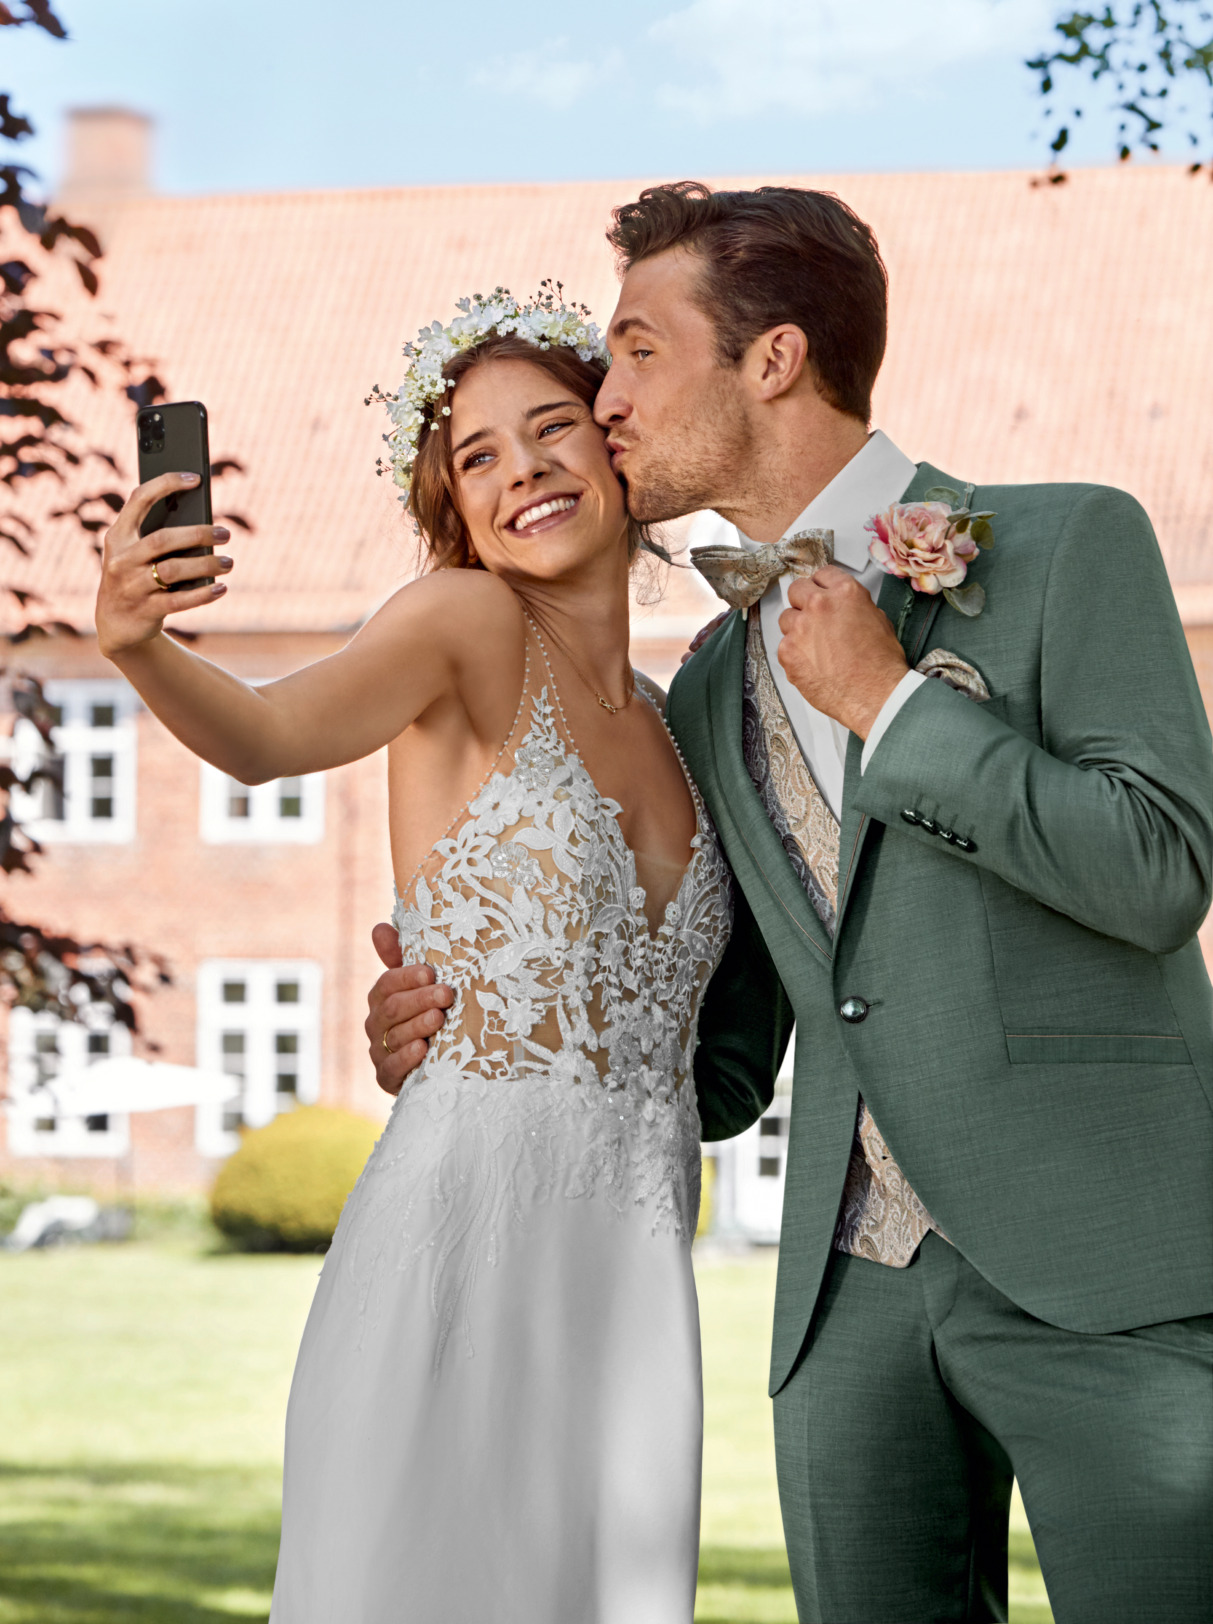 Wilvorst After Six Hochzeitsanzug Männer Mode Bräutigam klassische Form grün green wil_0121_kam_as-look4_1